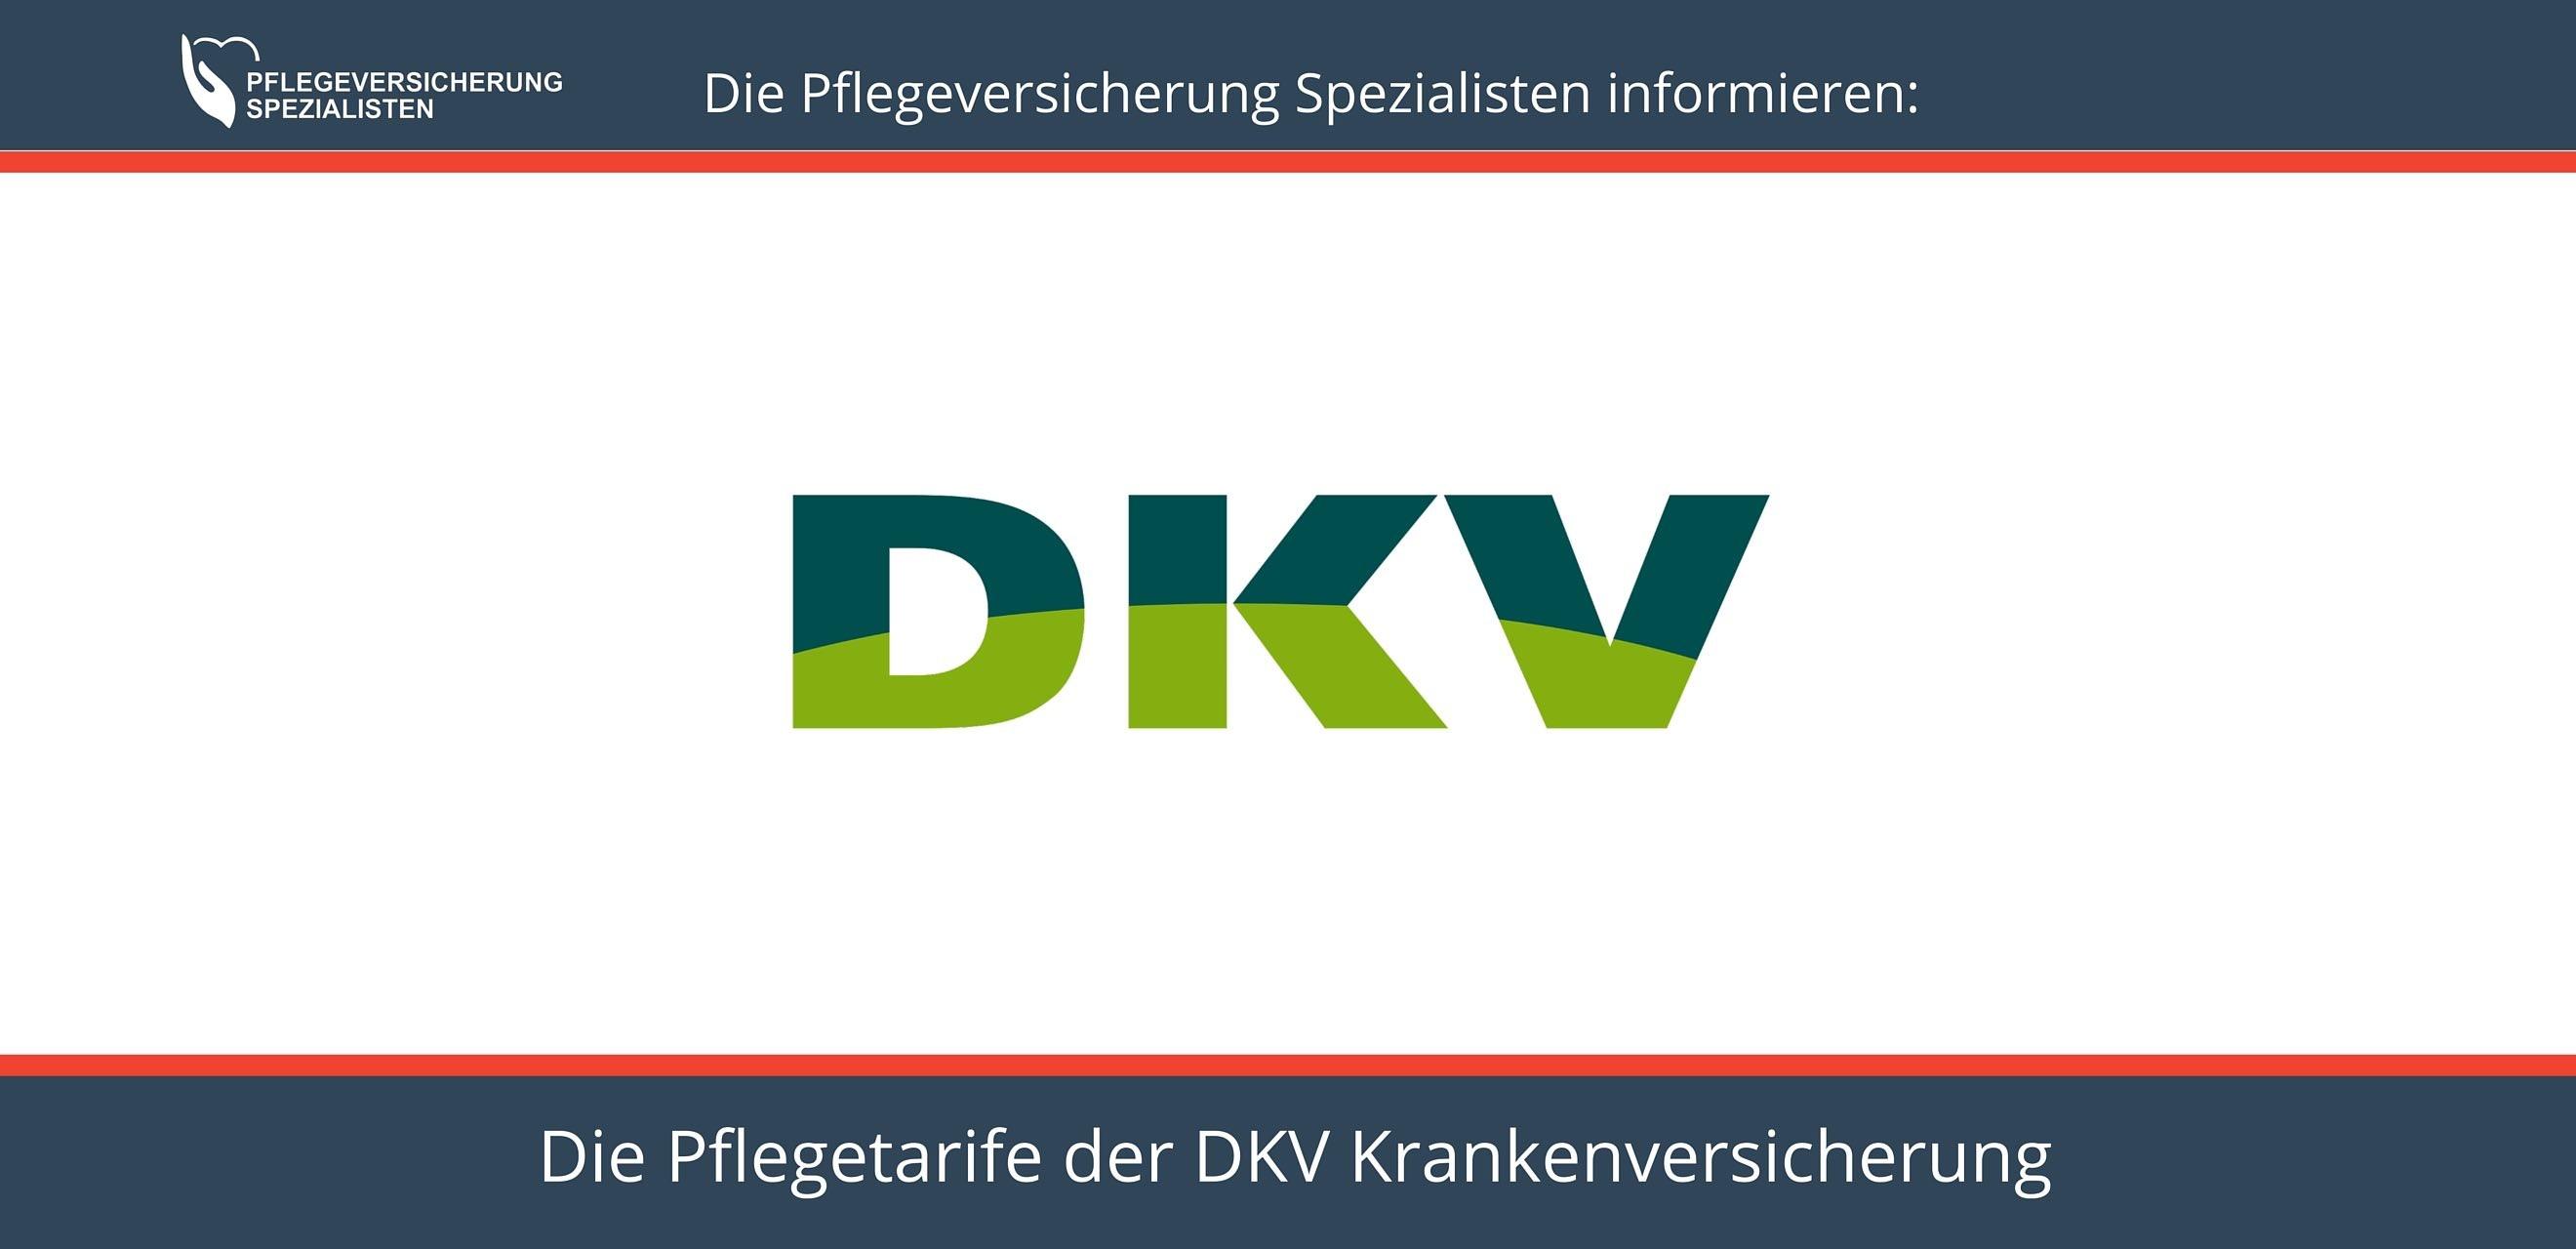 Die Pflegeversicherung Spezialisten informieren über die Pflegetarife der DKV